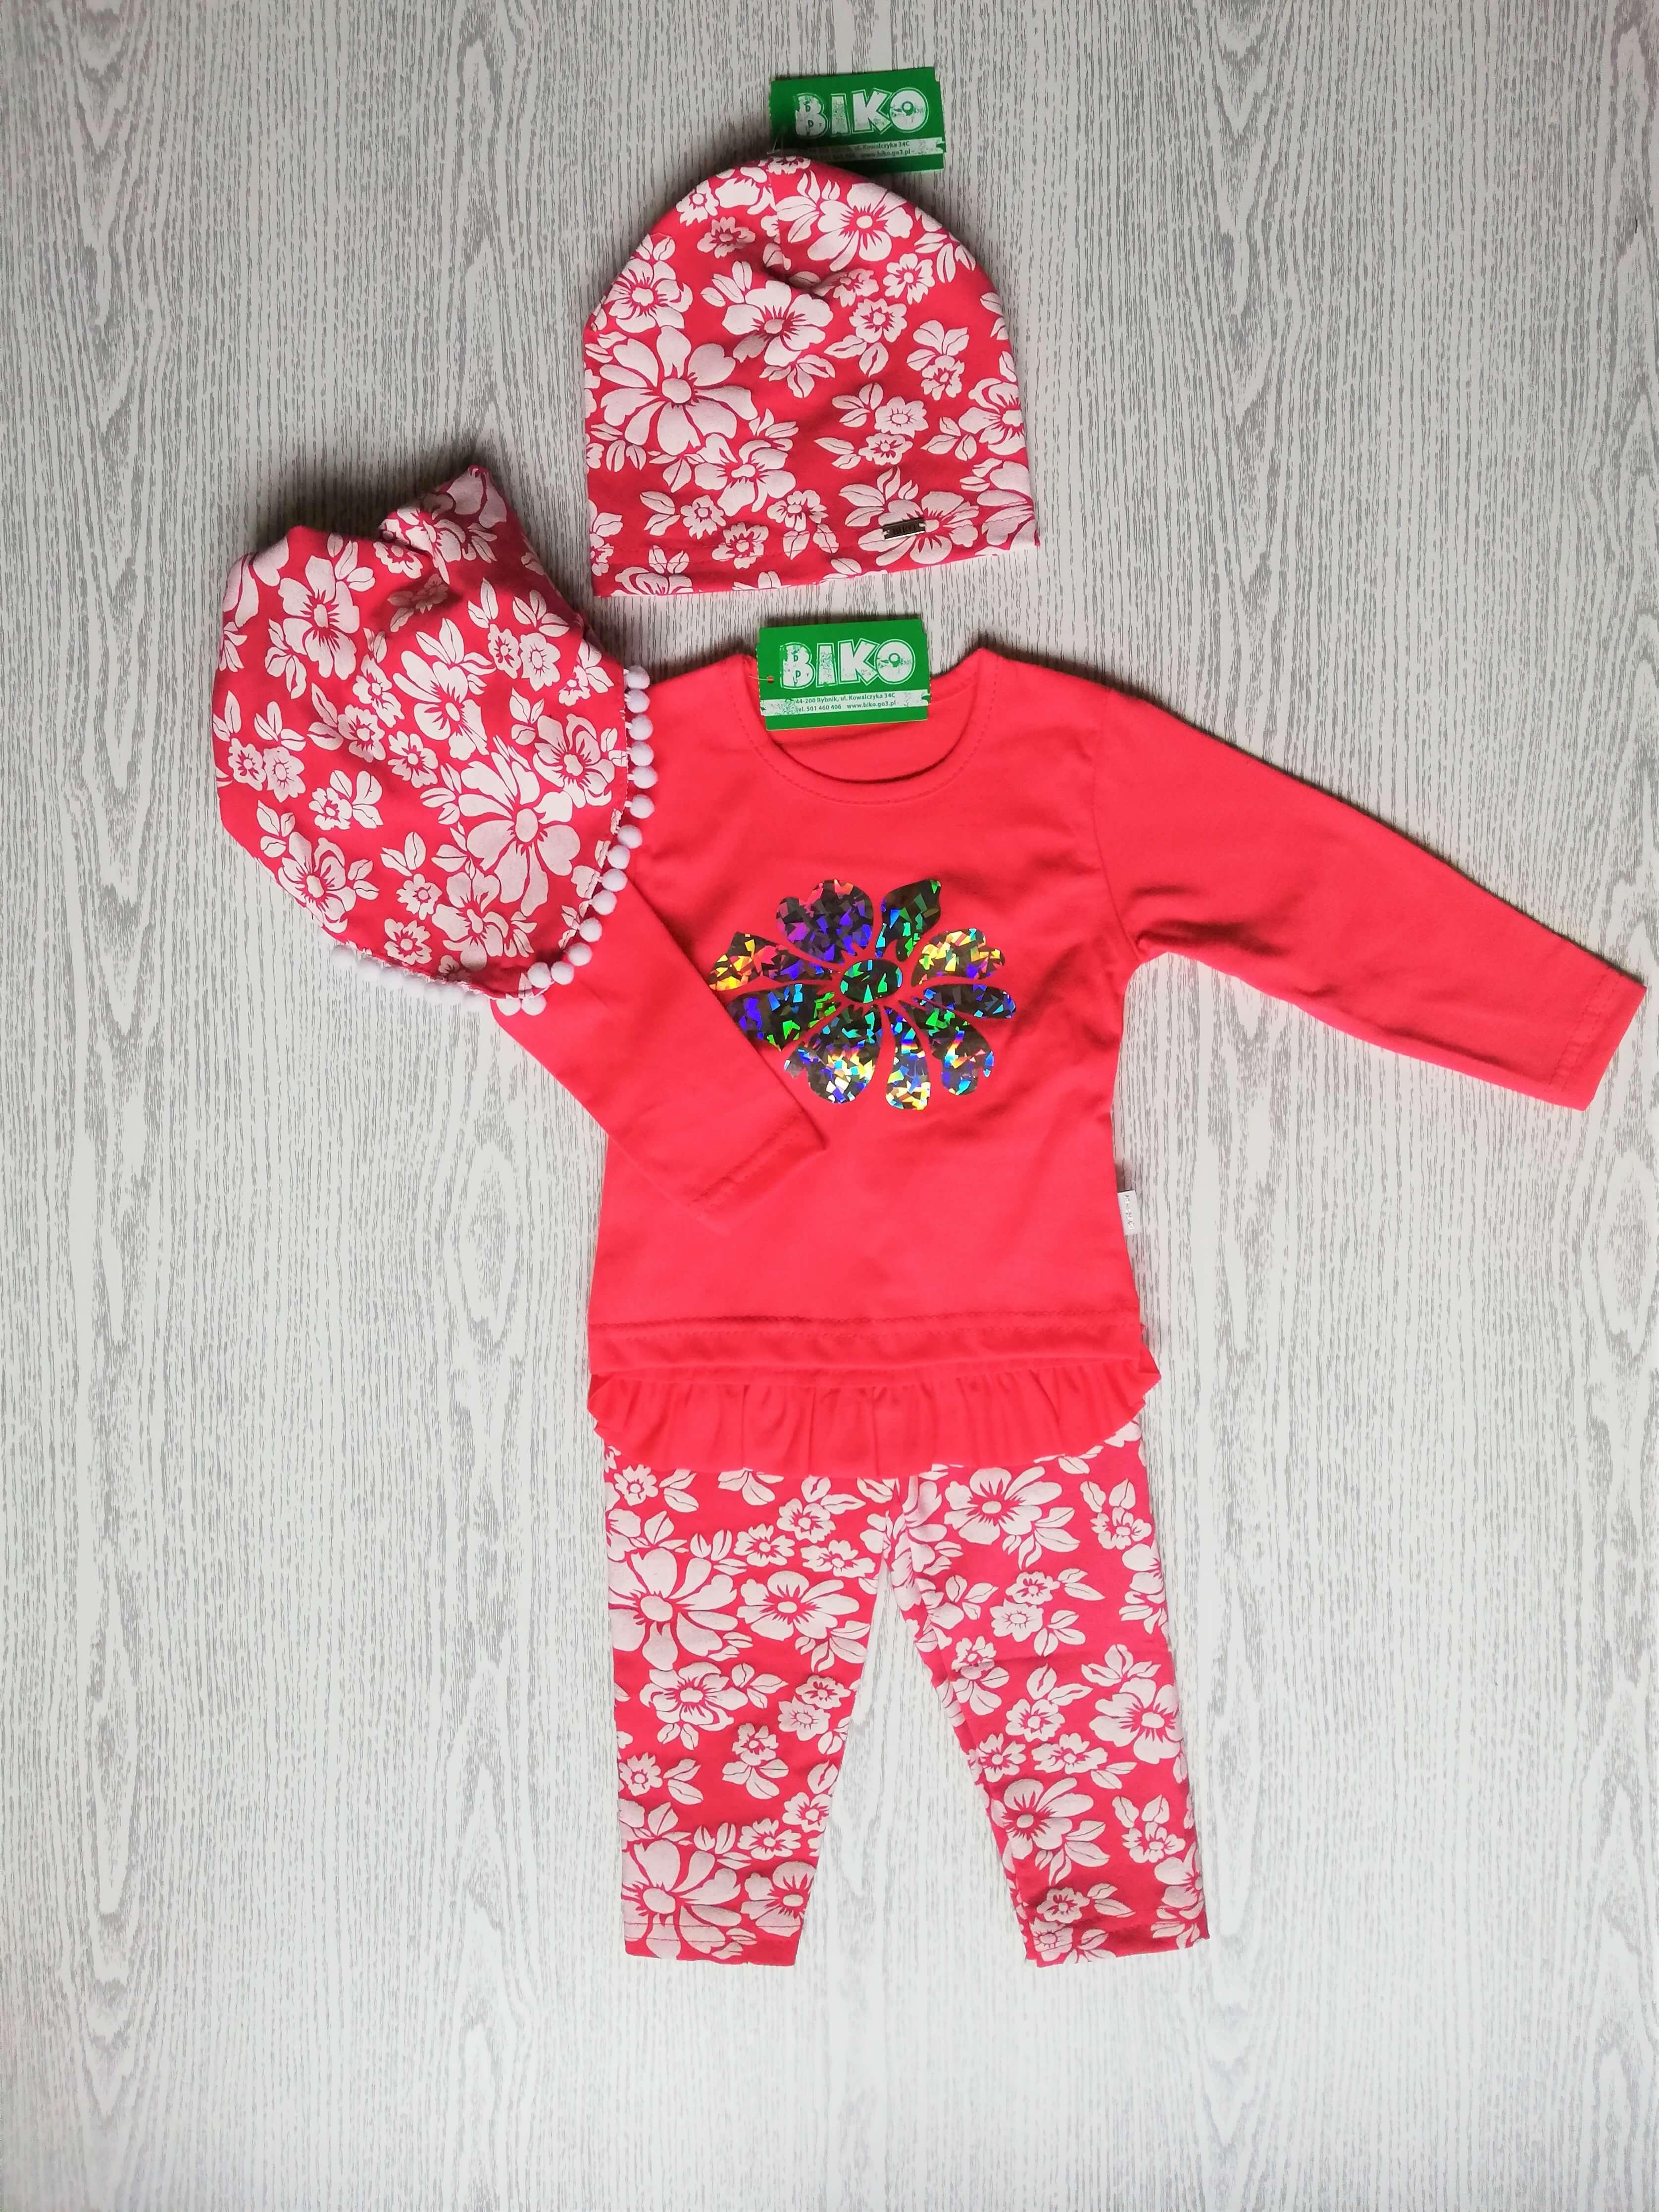 BIKO - Producent odzieży dziecięcej